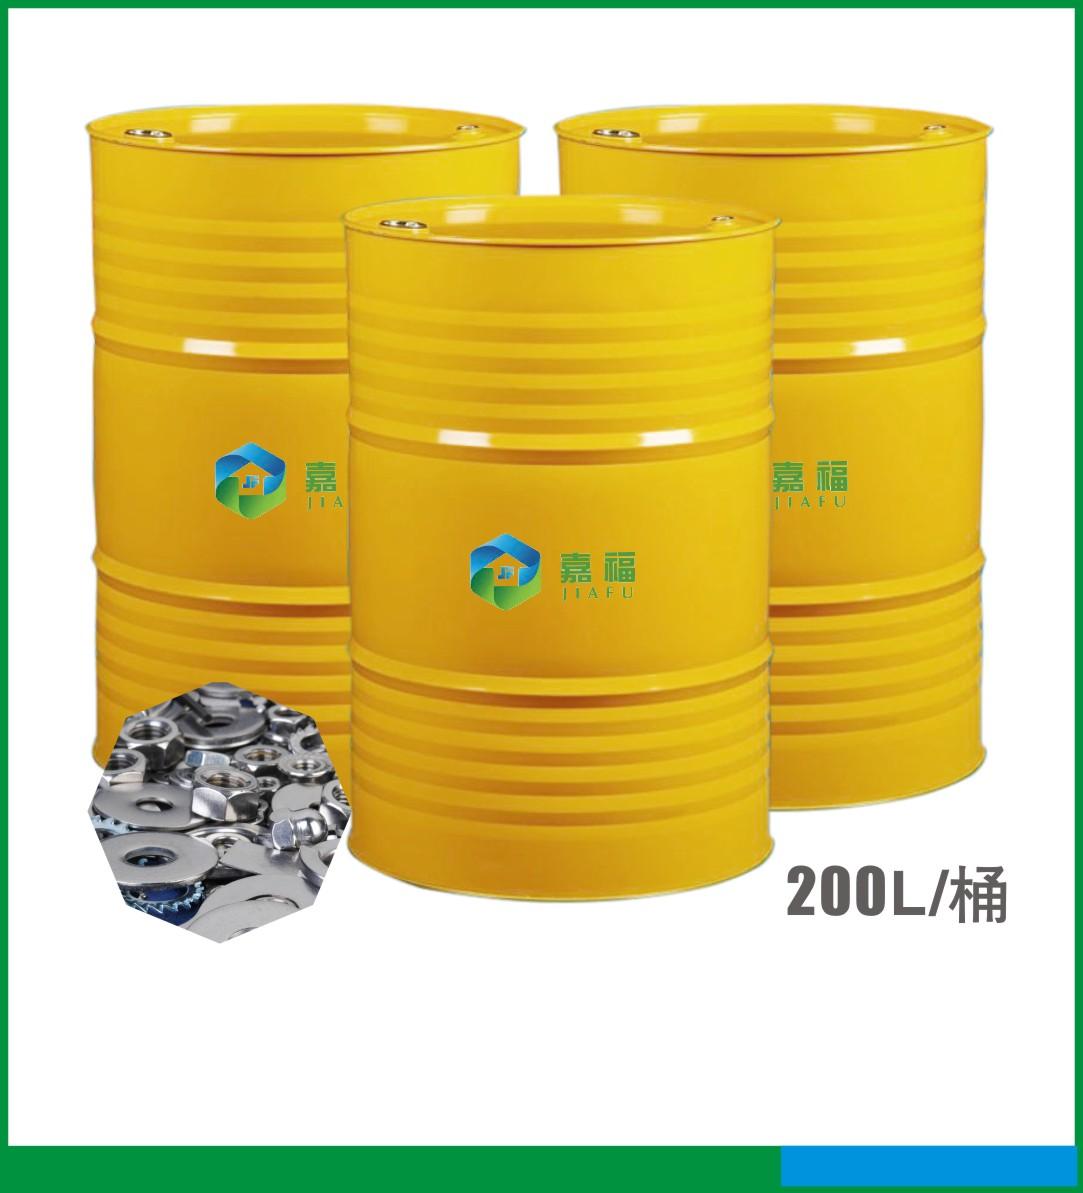 环保清洗剂的应用市场